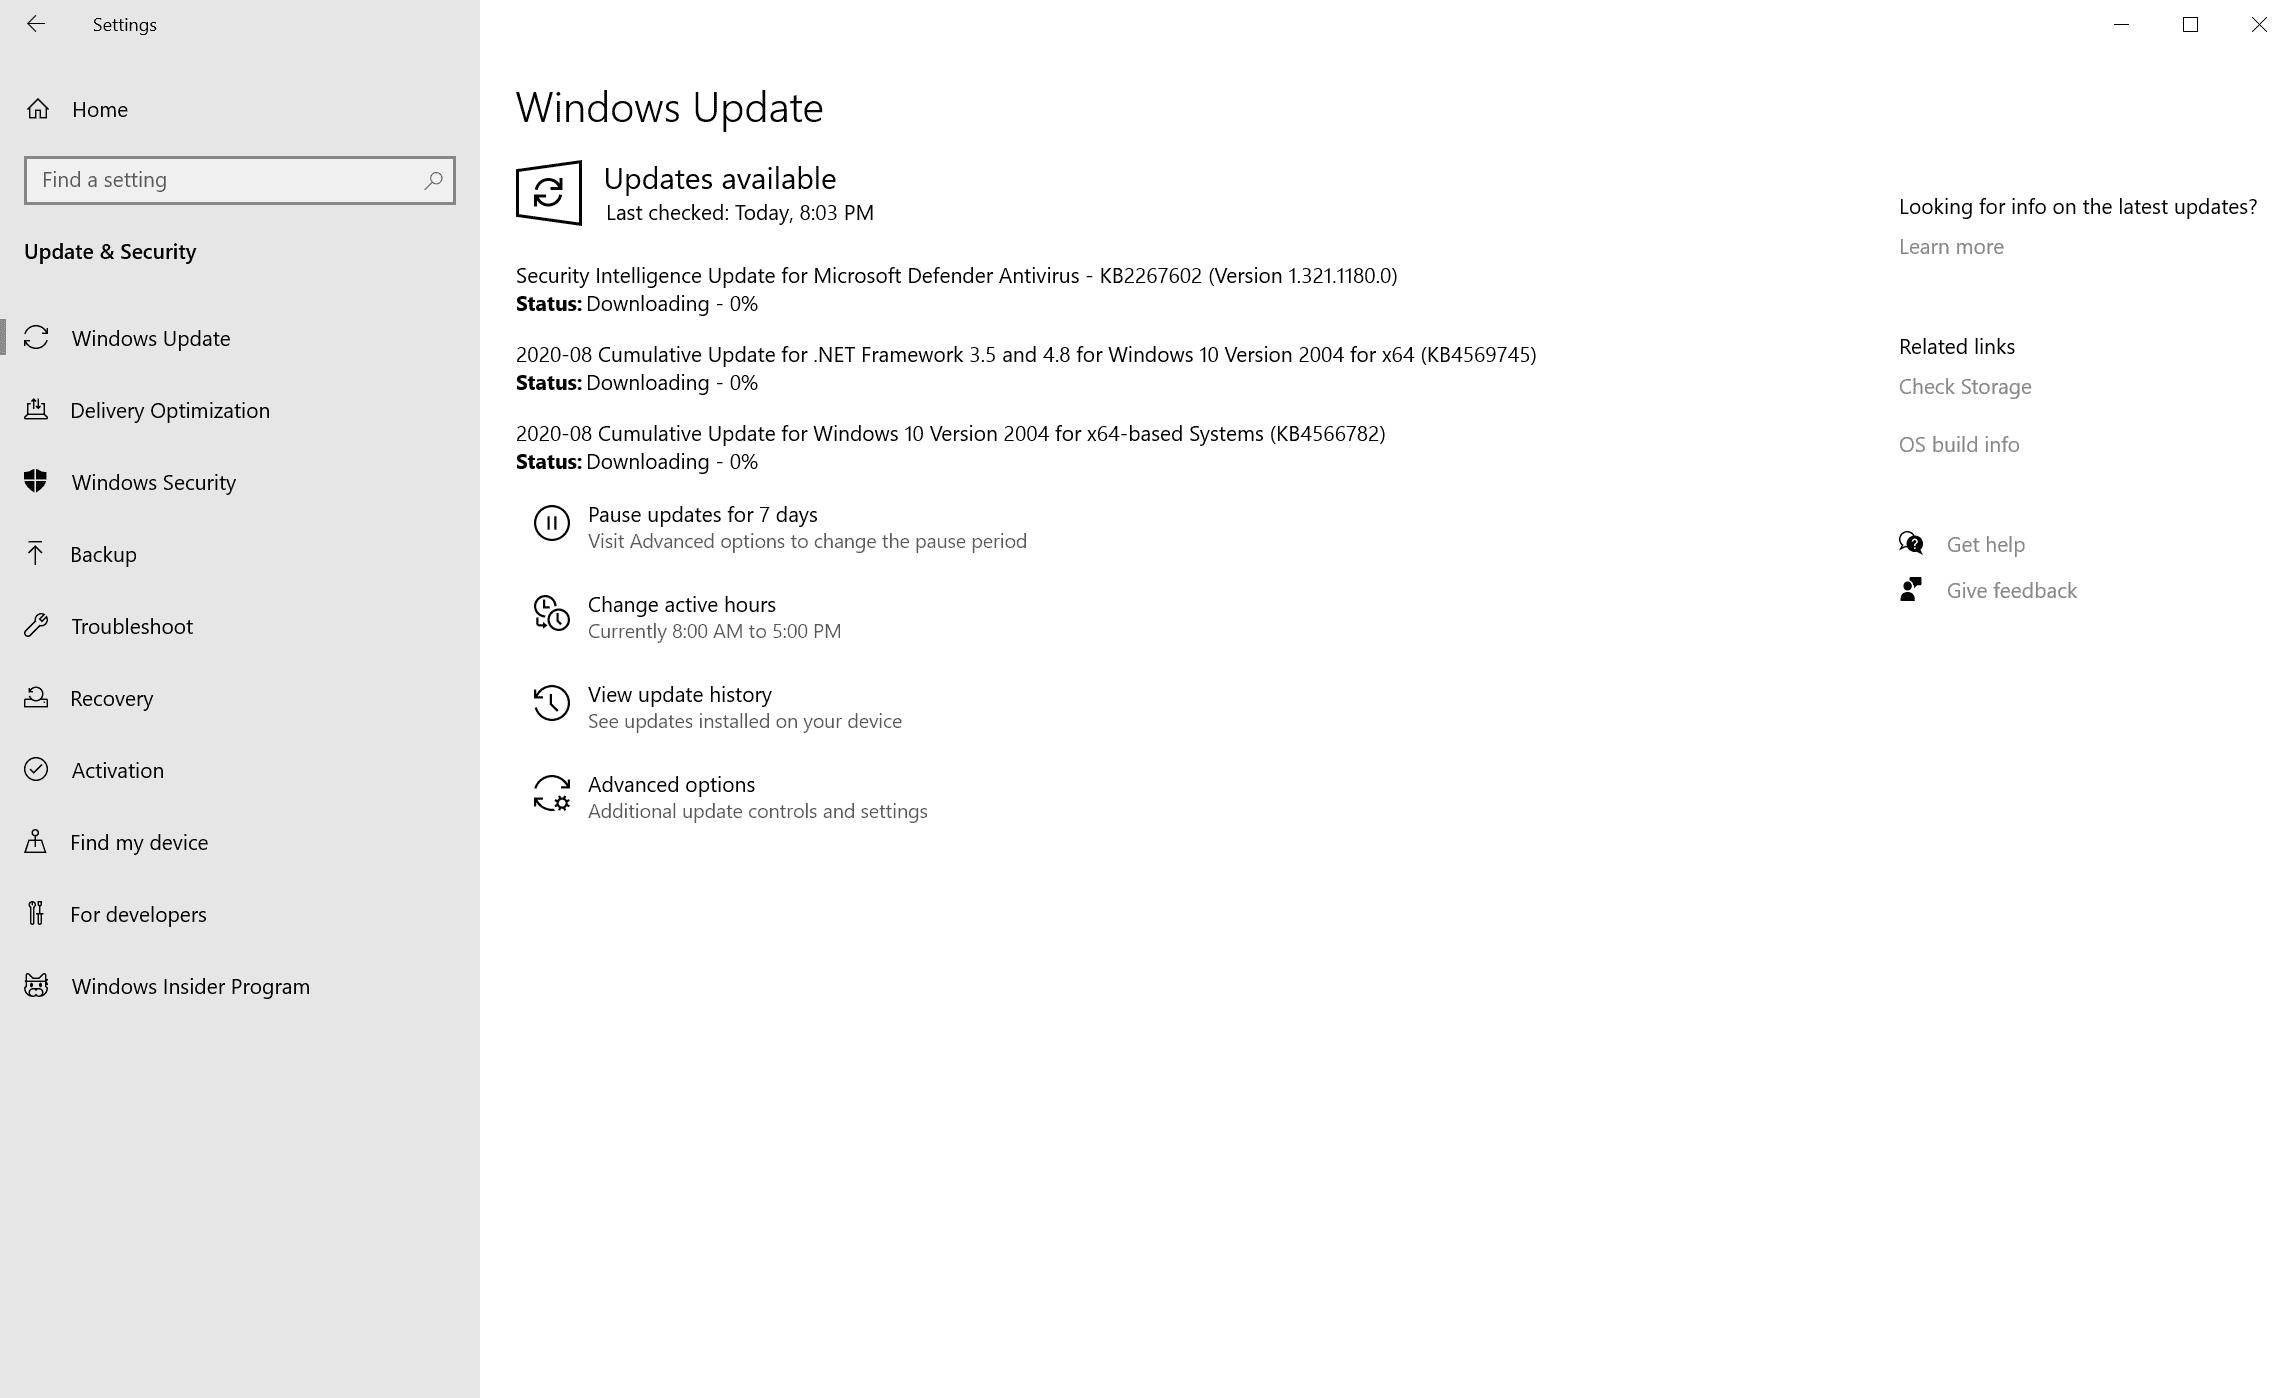 actualizaciones de windows agosto de 2020